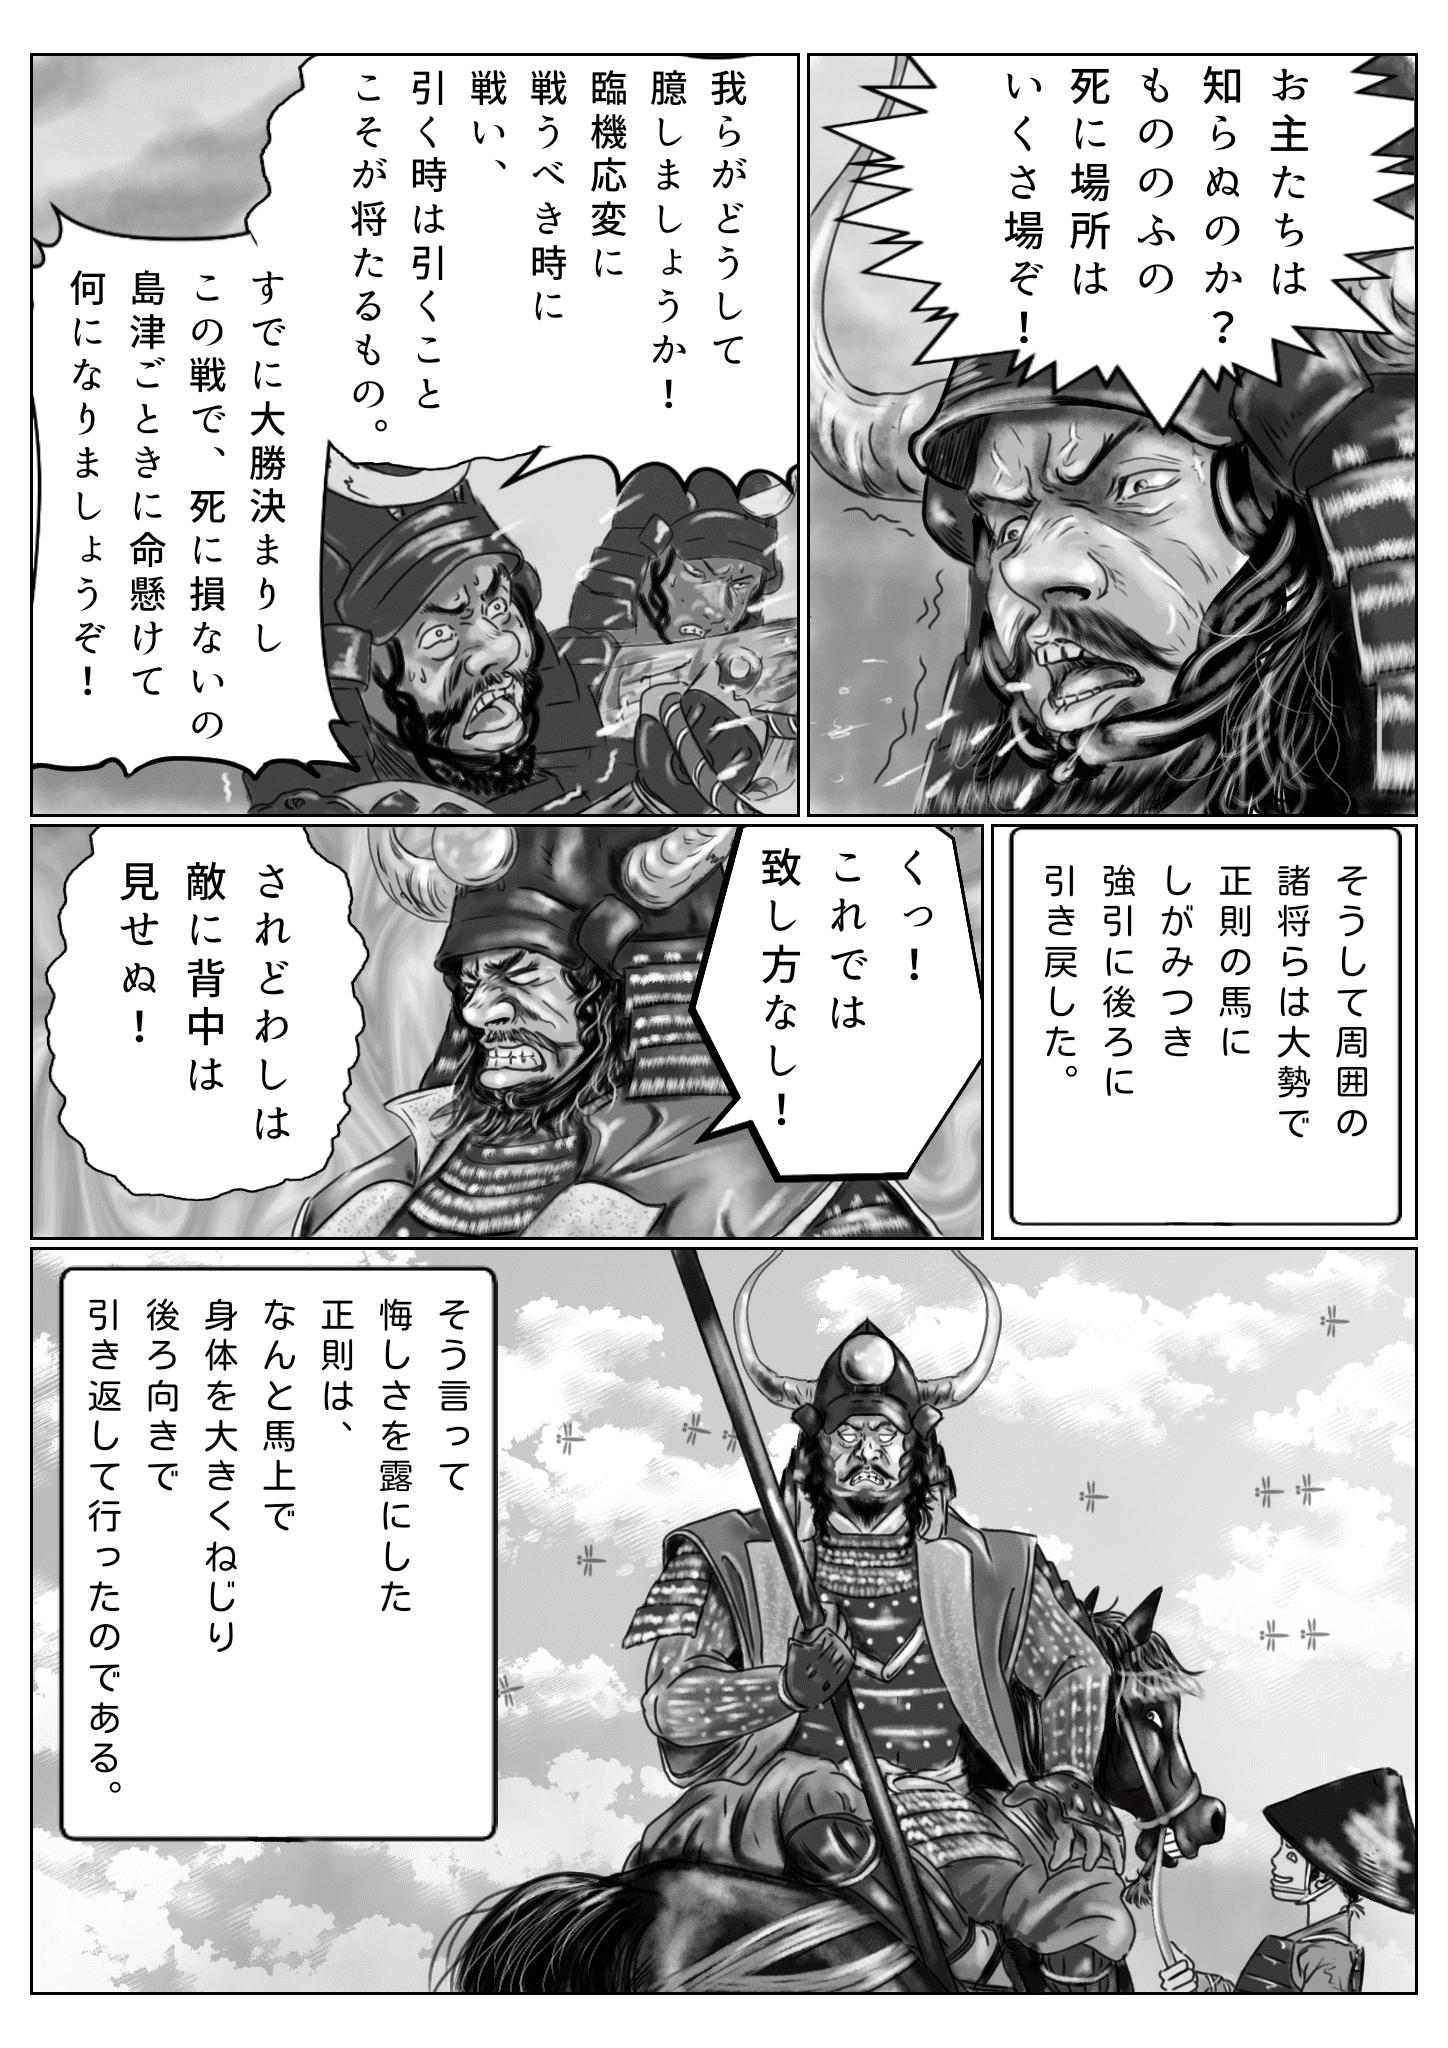 福島正則、島津義弘の突撃に後ろを見せず 3ページ